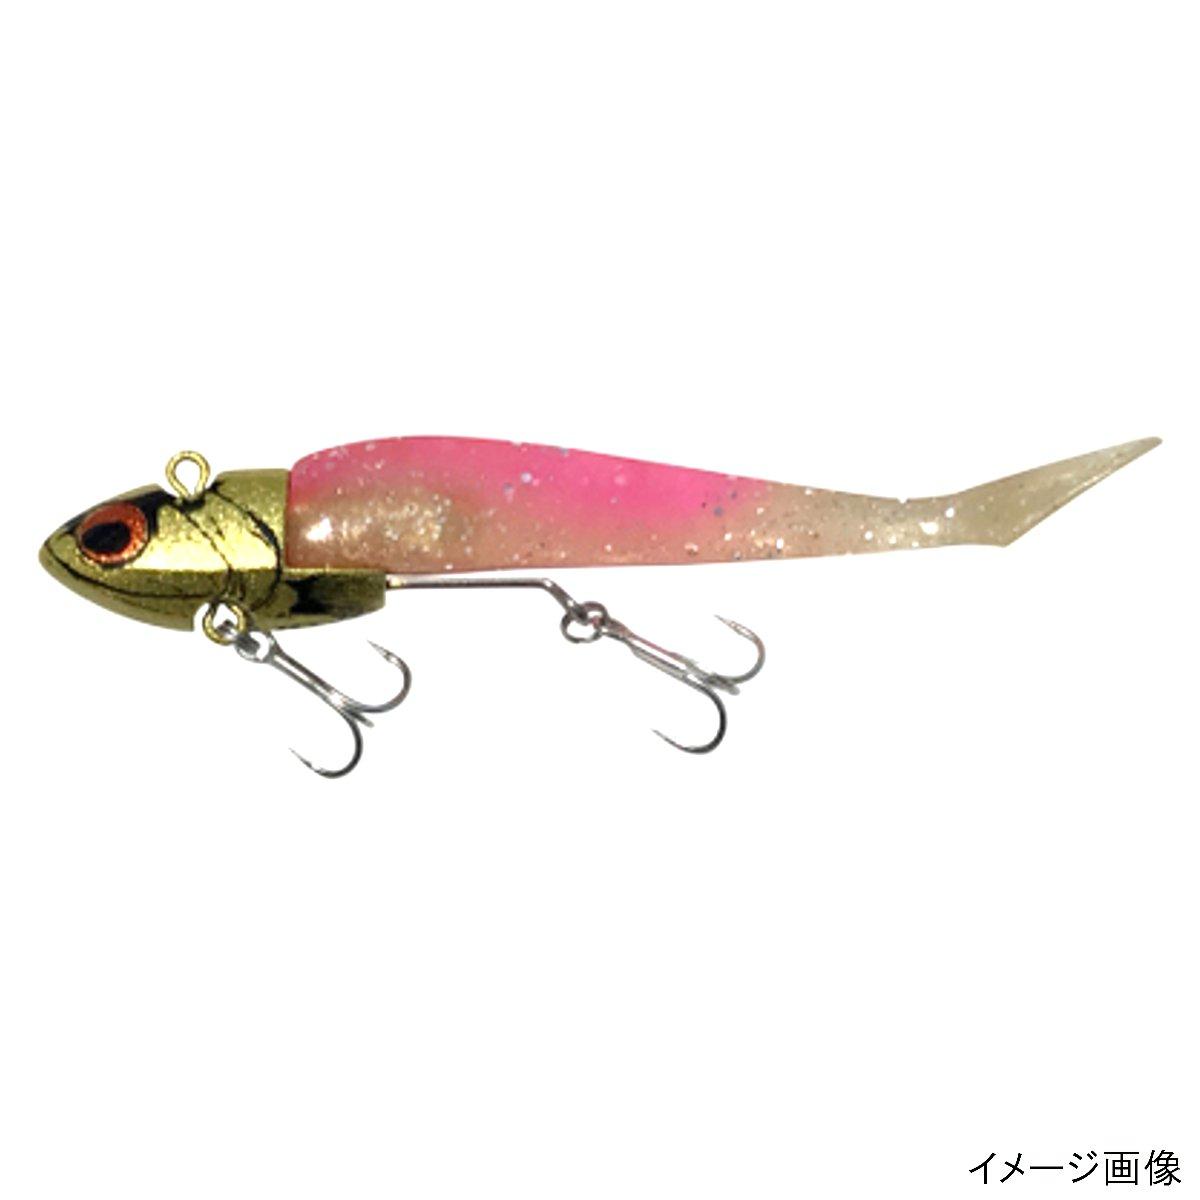 コアマン バイブレーションジグヘッド VJ-16 #054(ゴールドヘッド/ヒラメピンク)(東日本店)